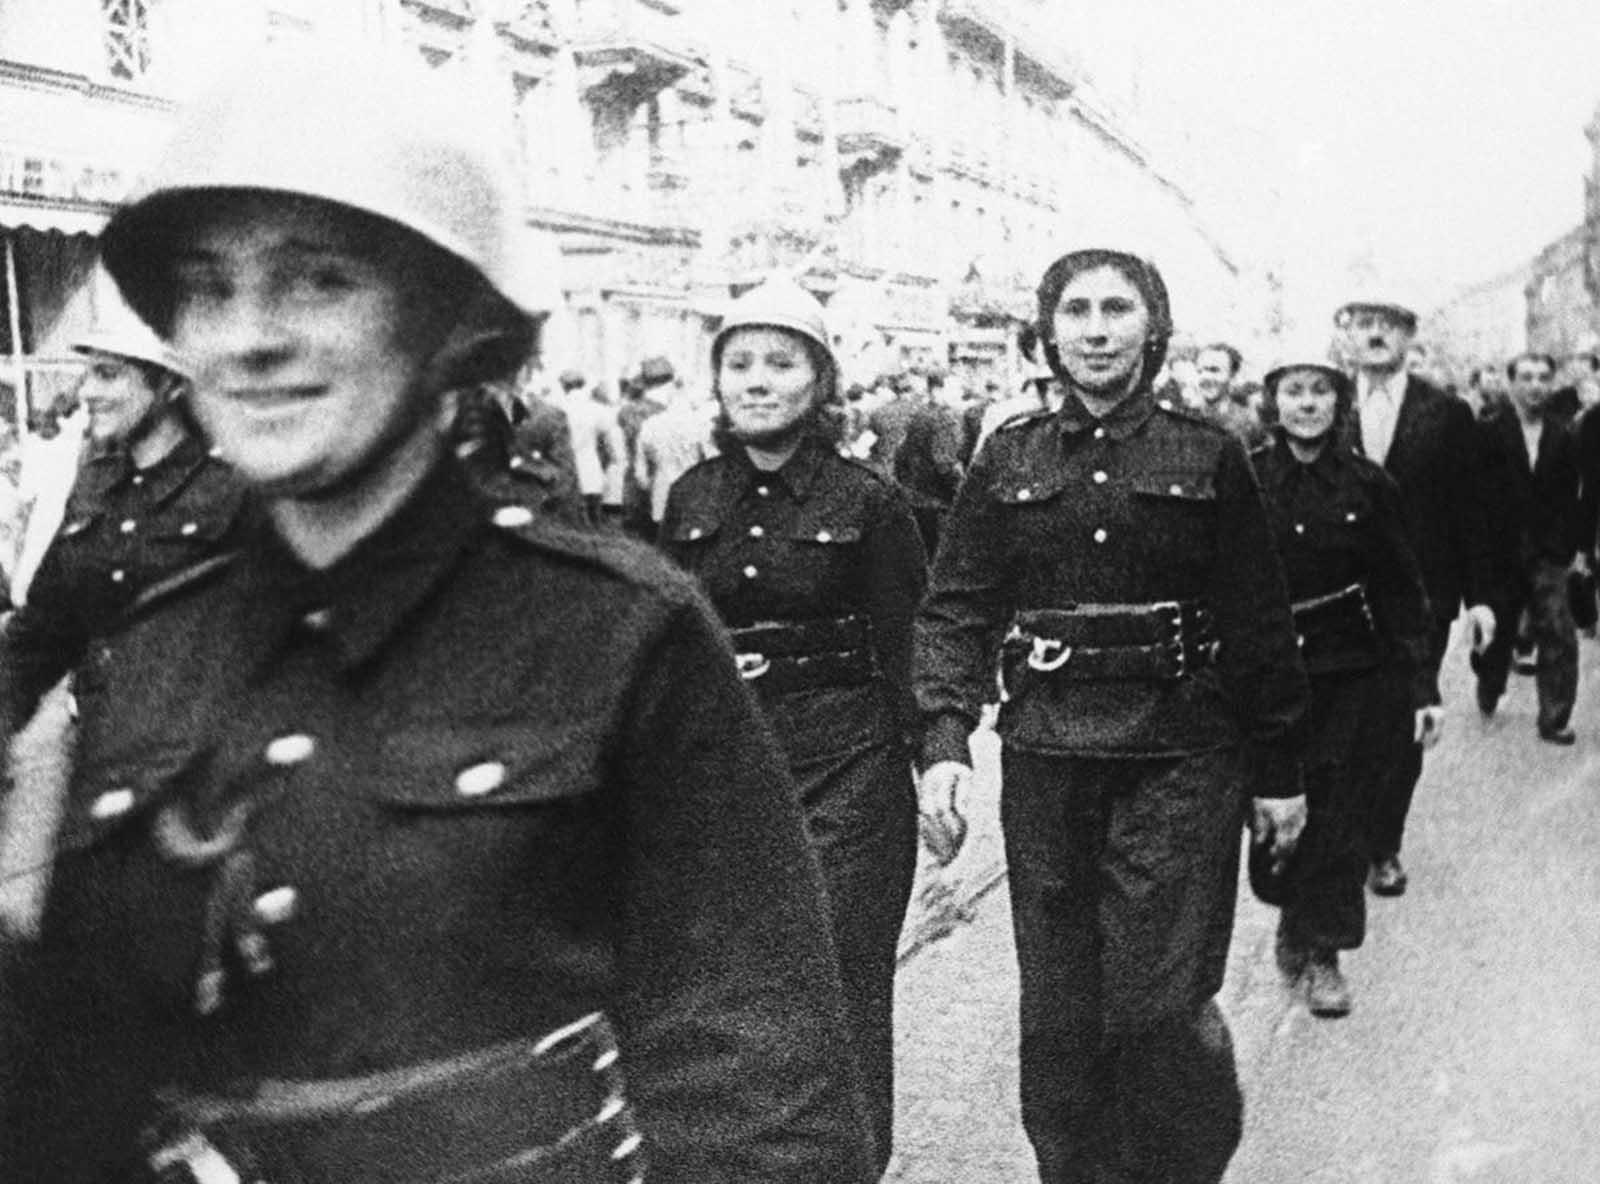 16 септември 1939 г.: Жените във военна униформа гордо маршируват по улиците на Варшава, готови да отбраняват страната си редом до мъжете.